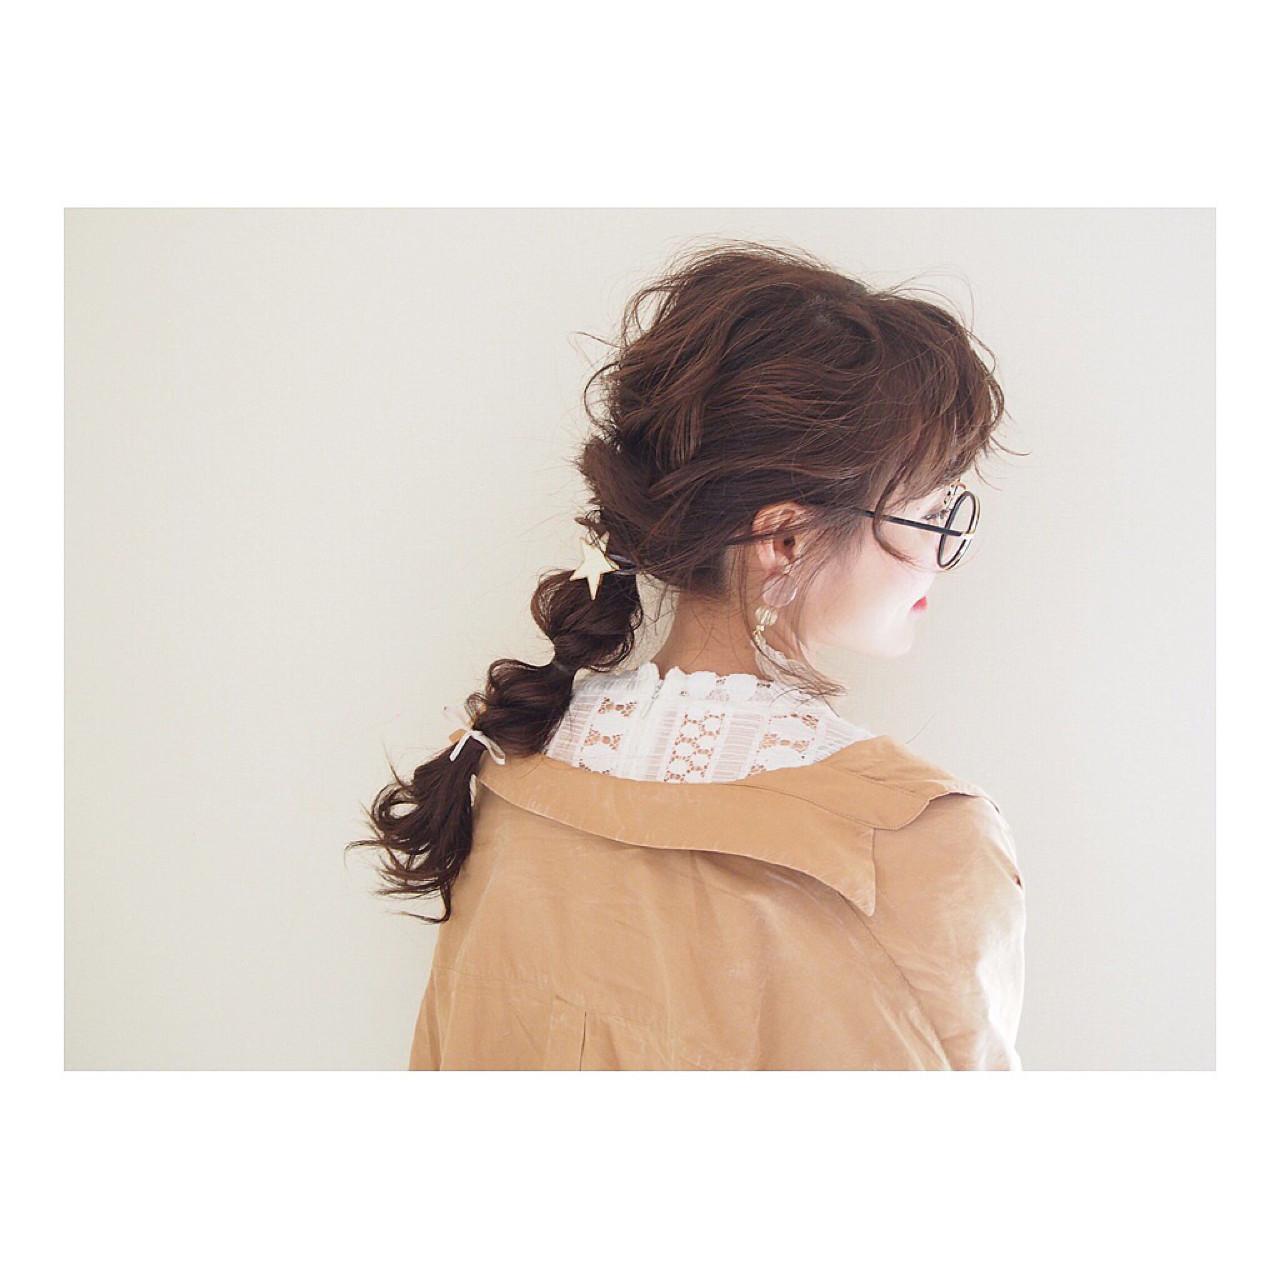 ナチュラル ロング 三つ編み ヘアアレンジ ヘアスタイルや髪型の写真・画像